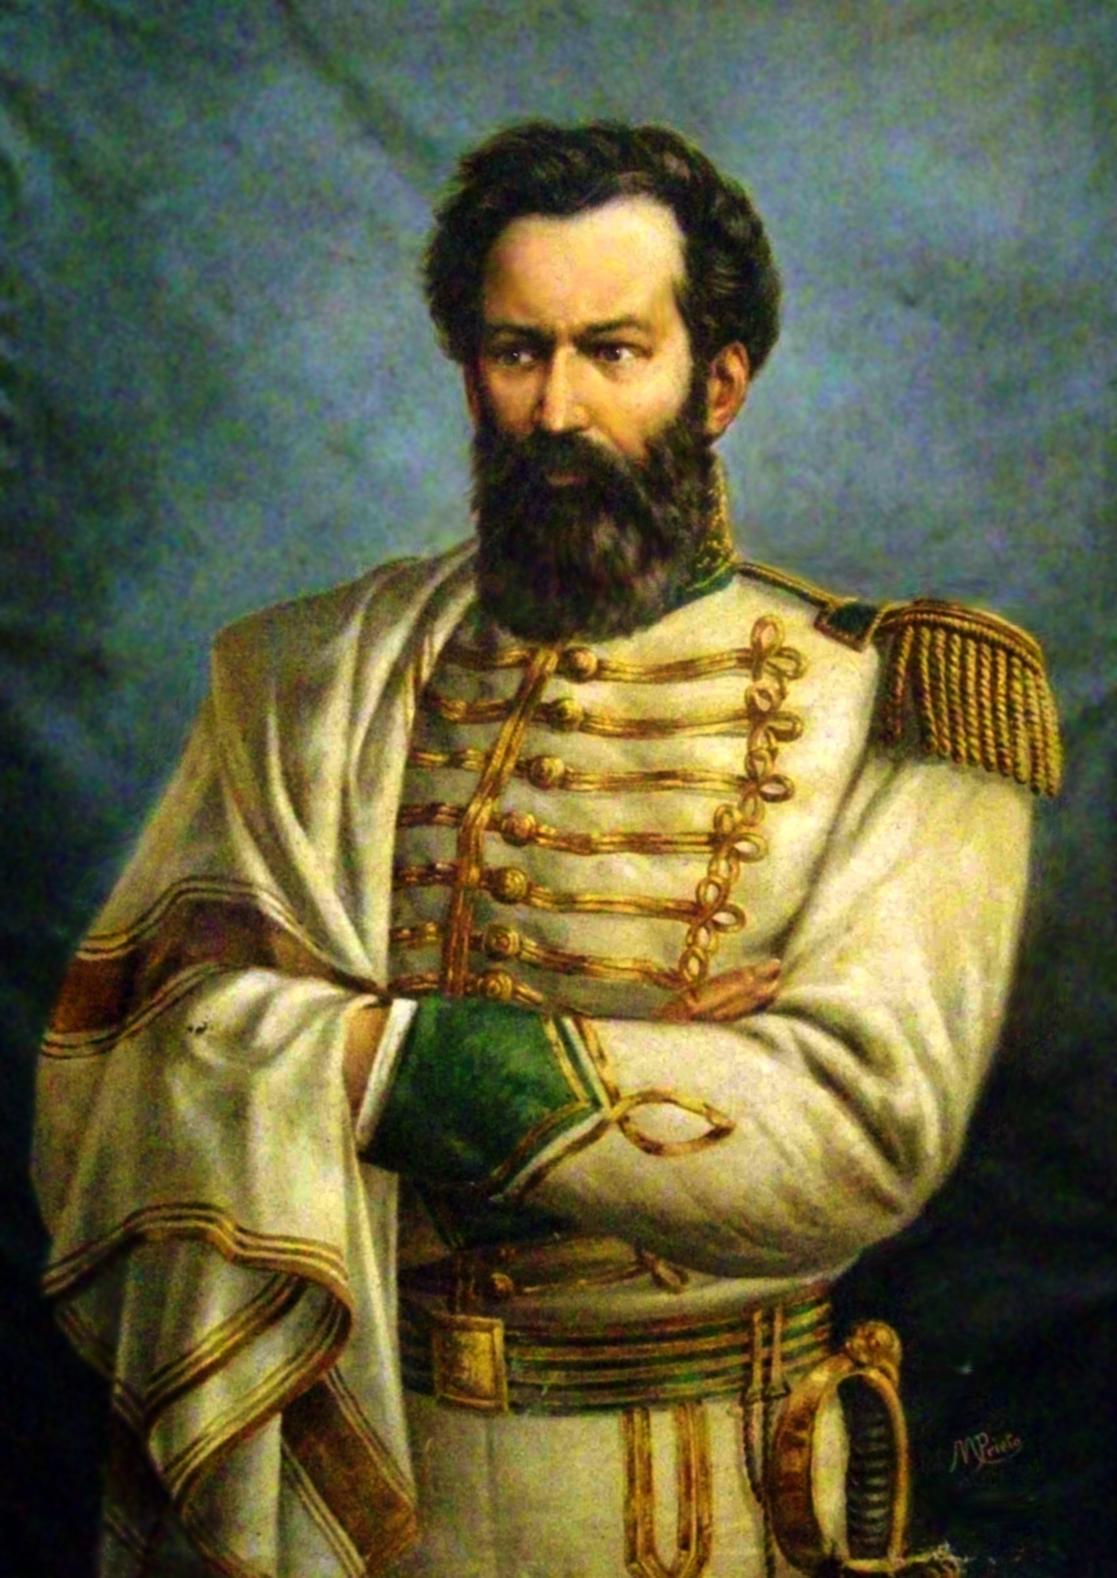 Día del fallecimiento de don Martín Miguel de Güemes